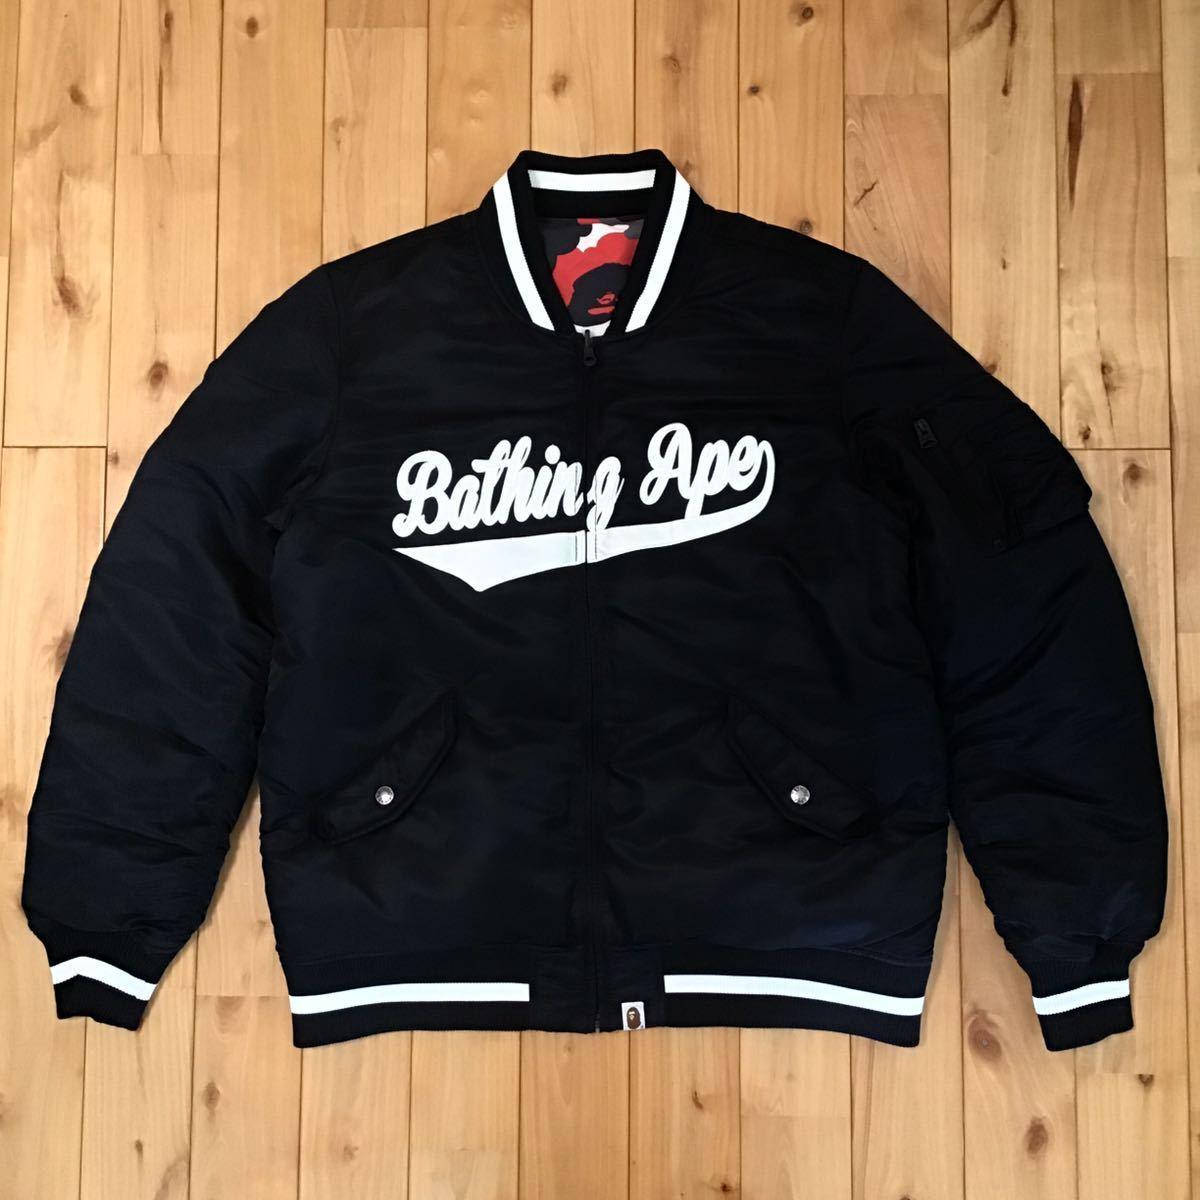 ★リバーシブル★ MA-1 ダウンジャケット XLサイズ a bathing ape BAPE camo down jacket エイプ ベイプ アベイシングエイプ bomber jacket